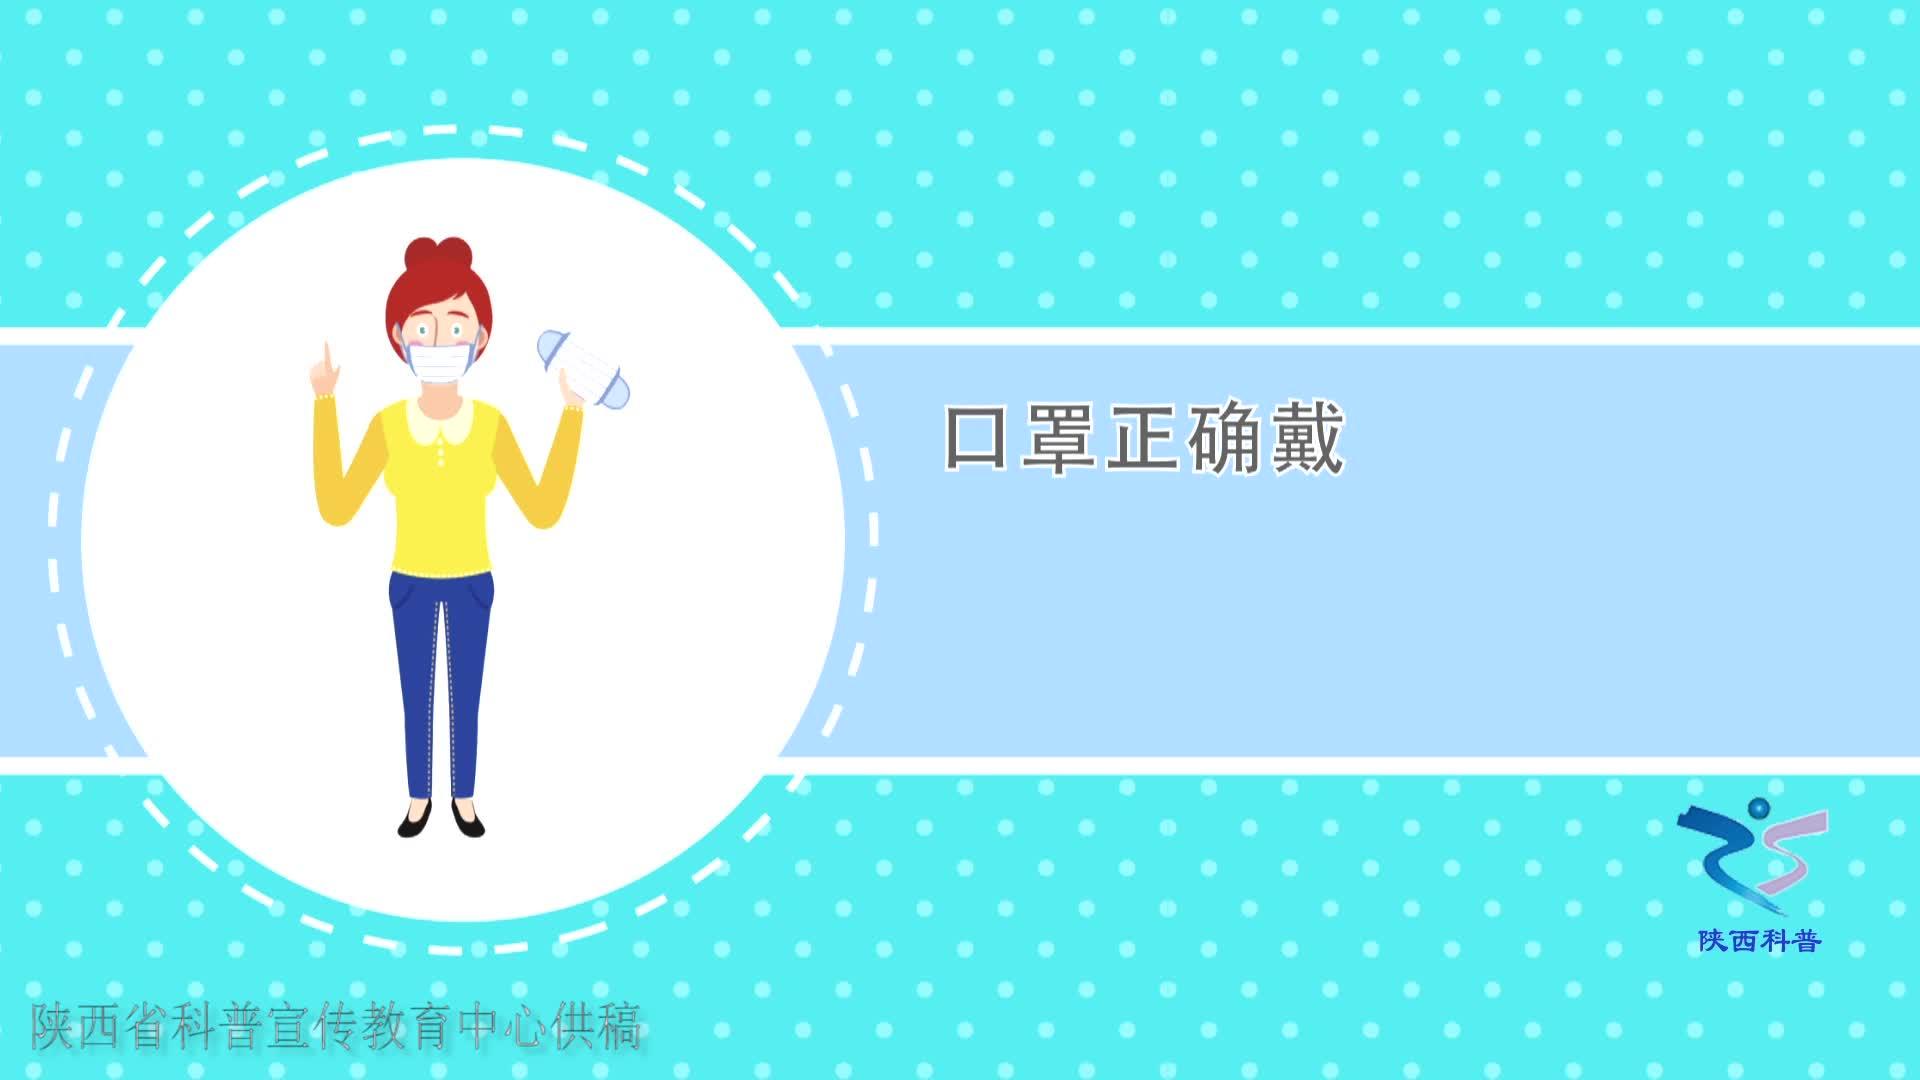 【陕西省科普宣传教育中心】病毒谣言